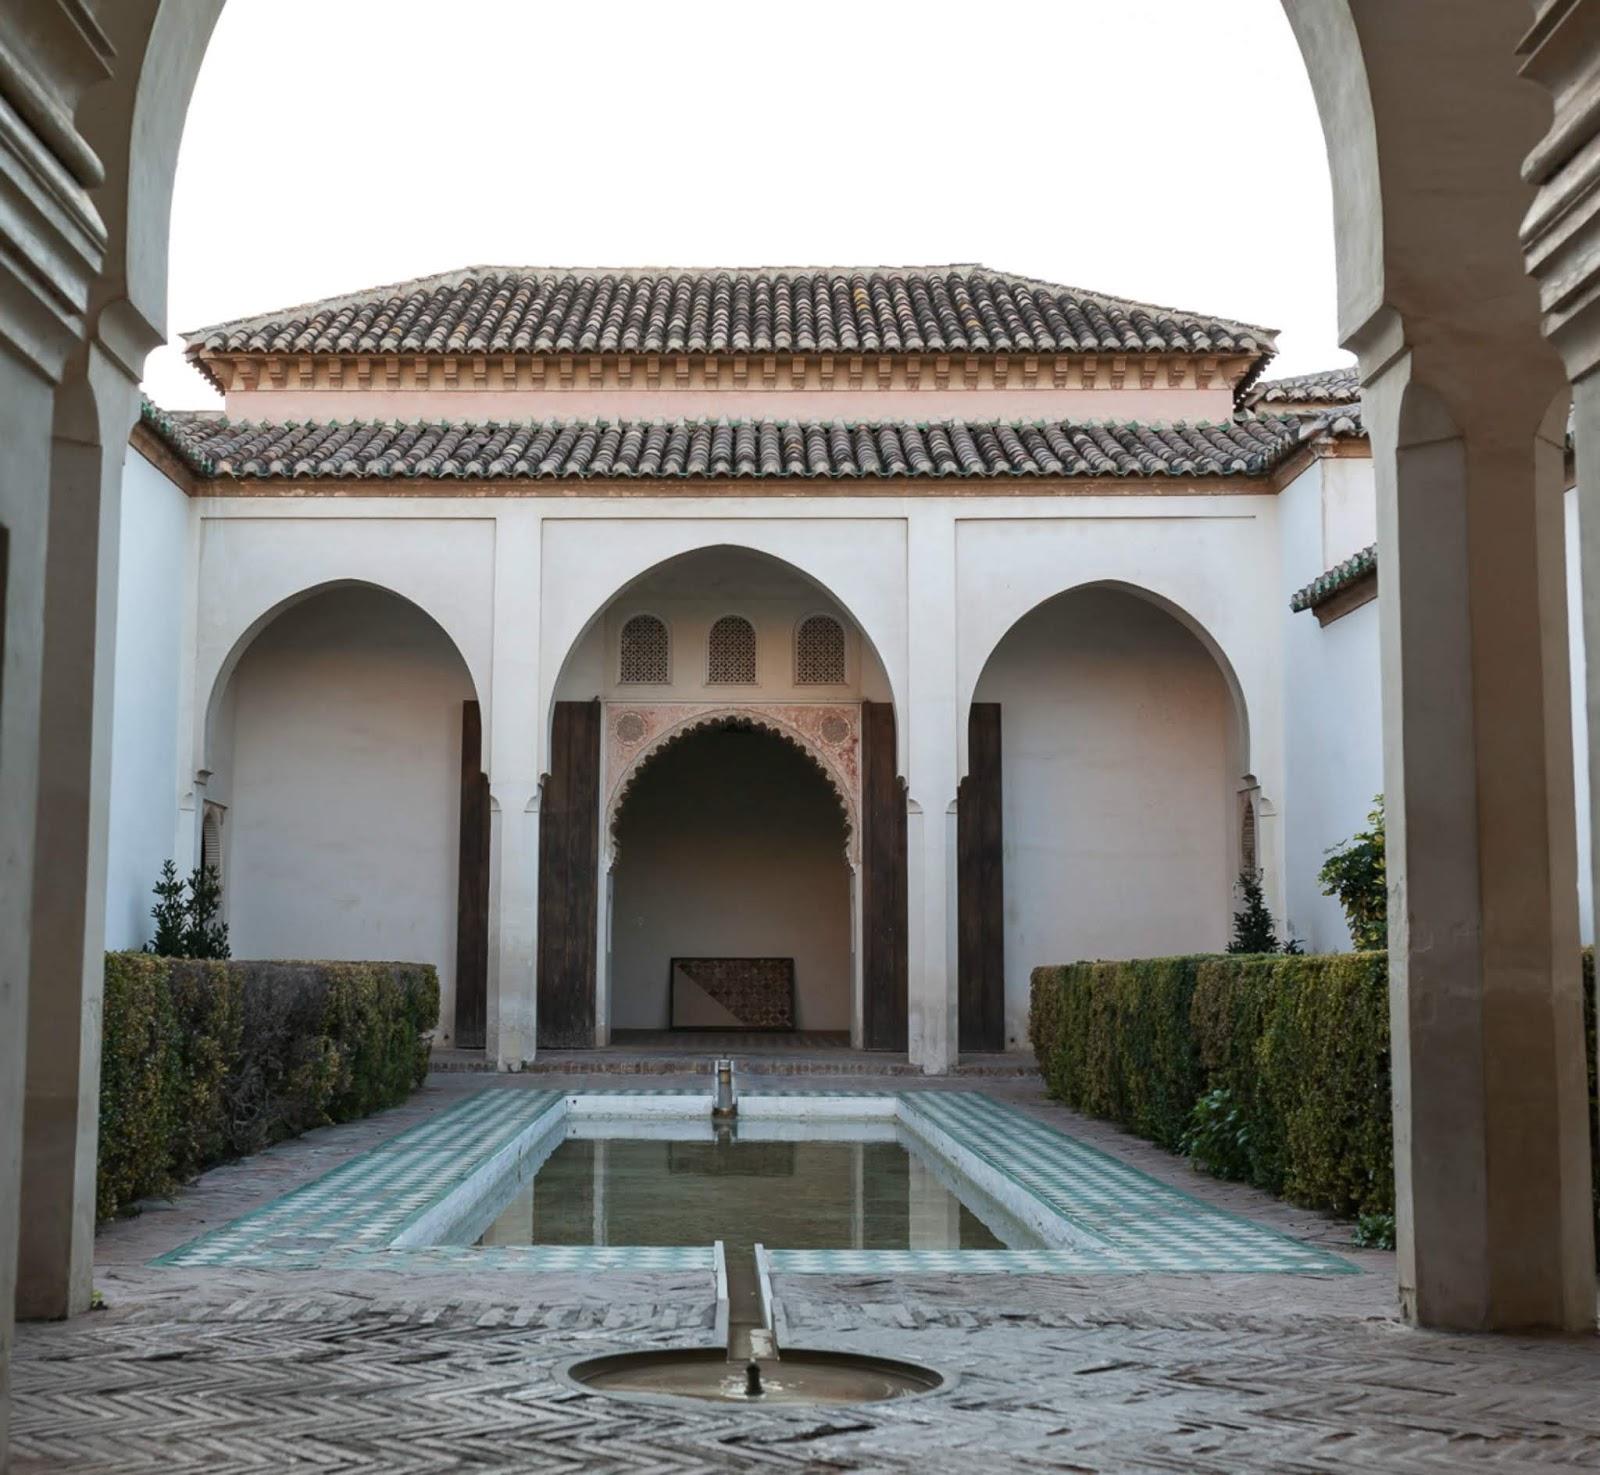 Malaga photo tour